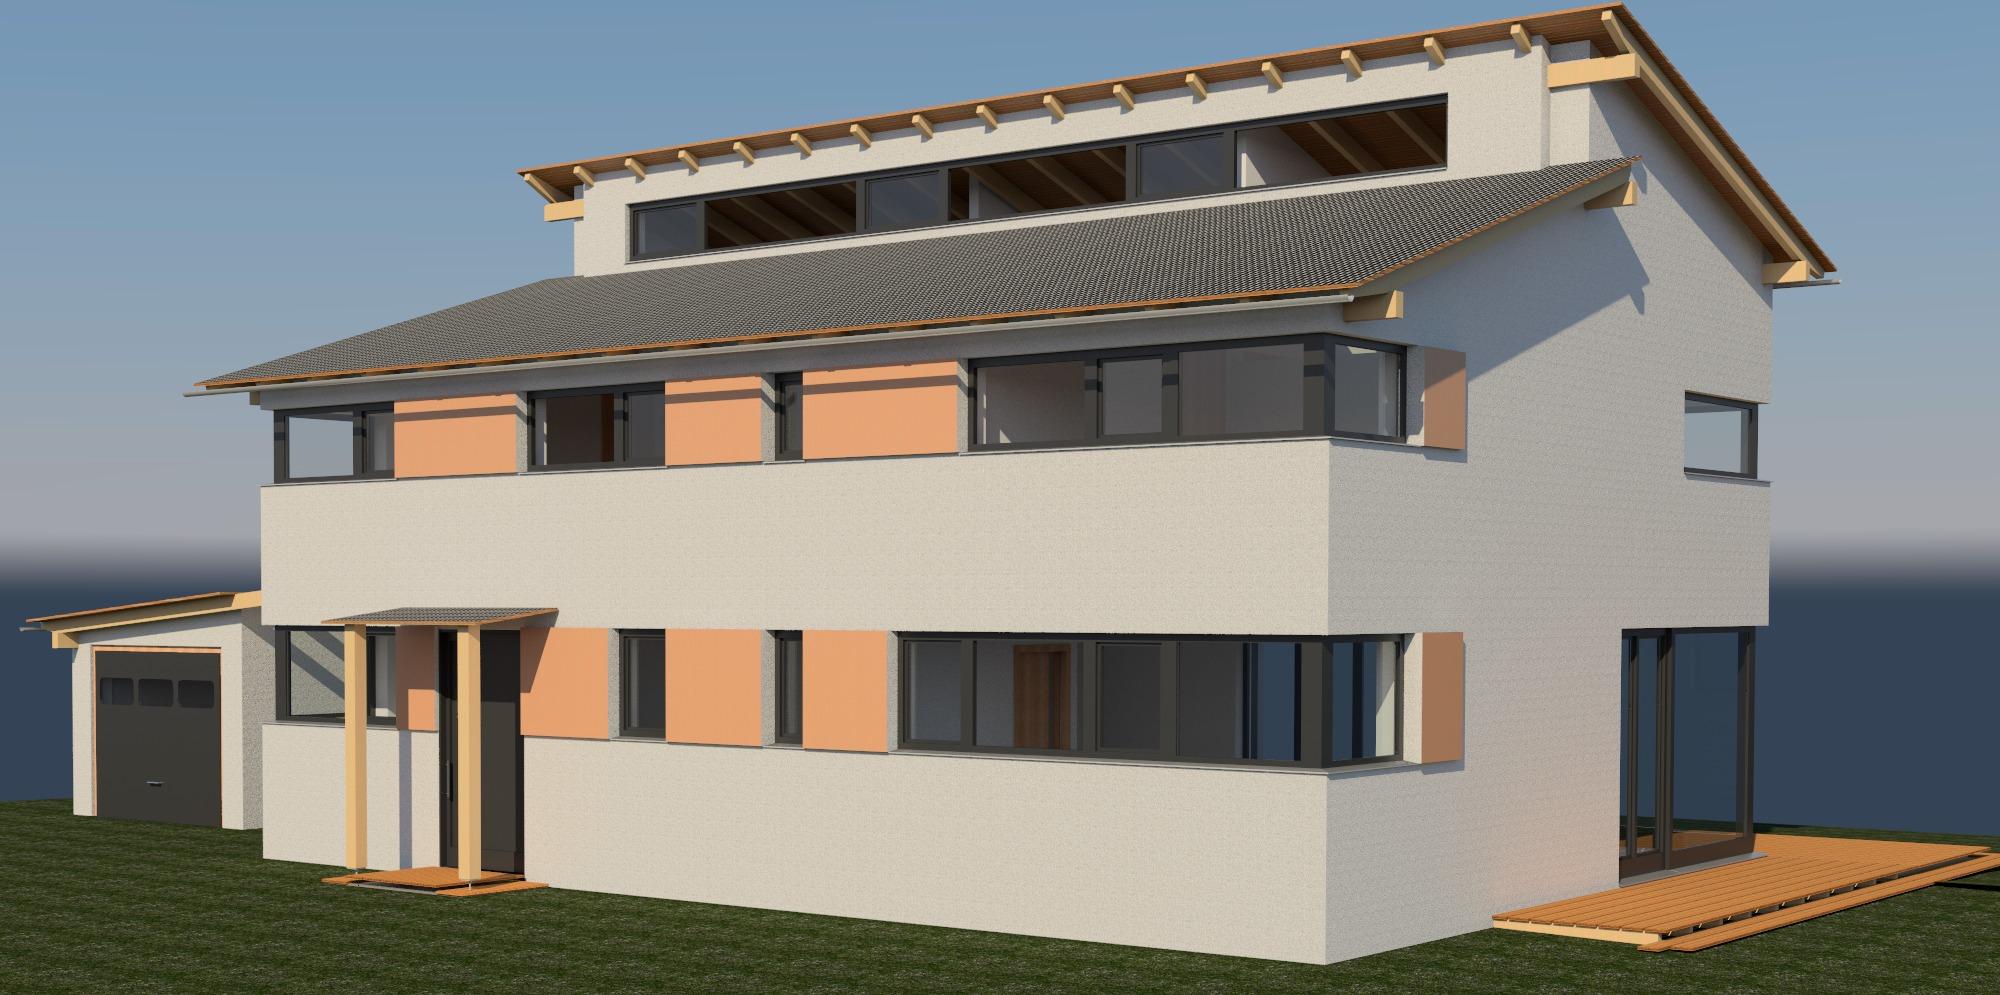 Raas-rendering20150312-26058-xojymh